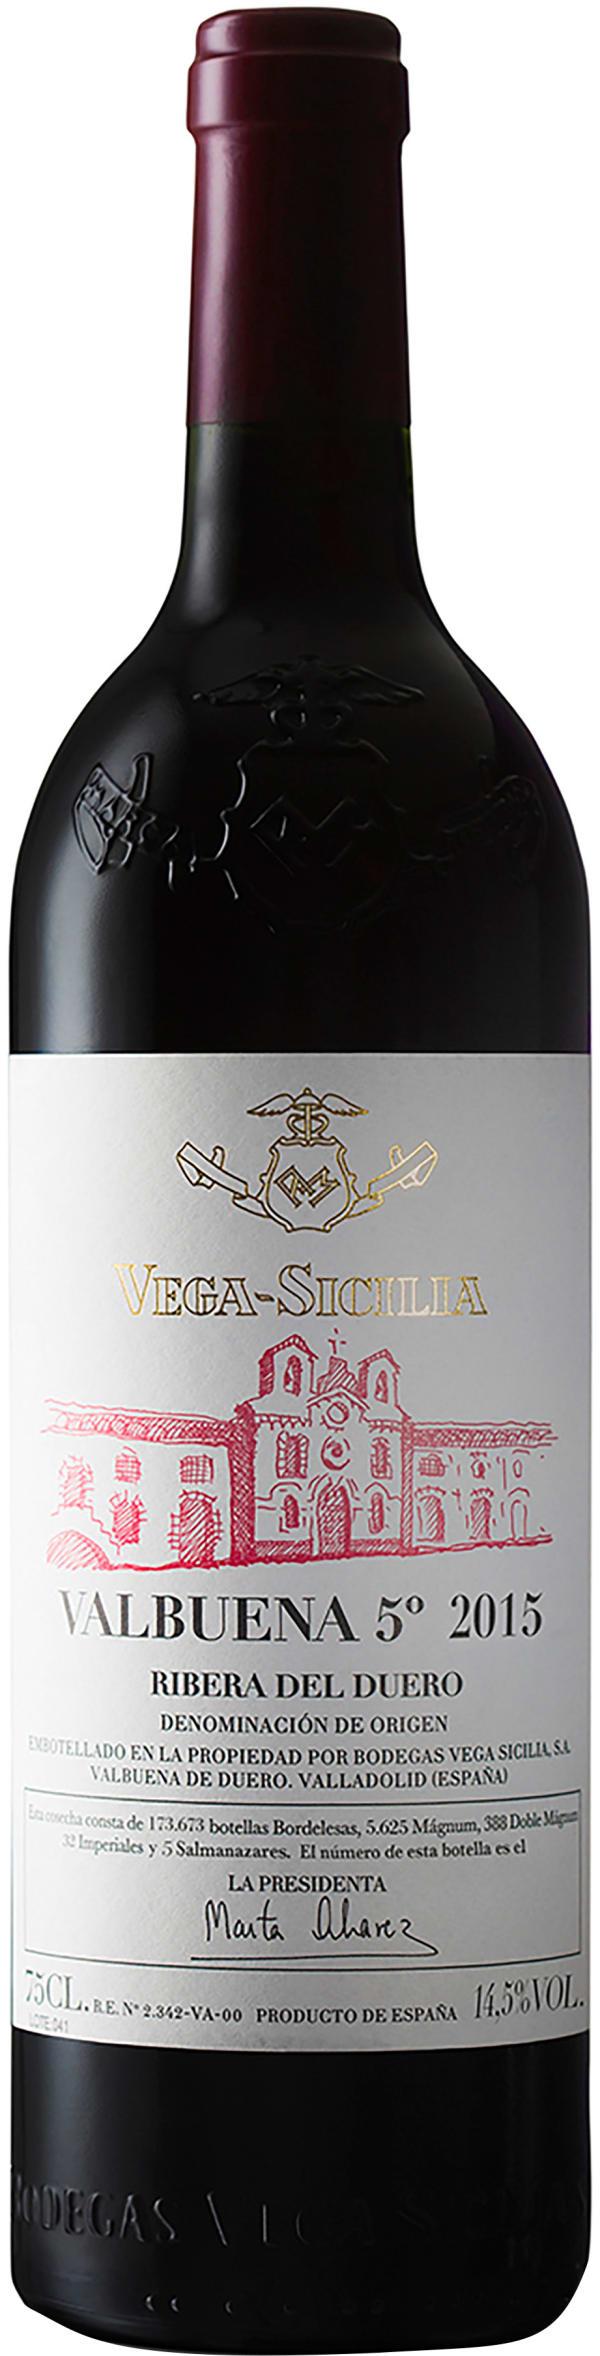 Vega-Sicilia Valbuena 5° Magnum 2015